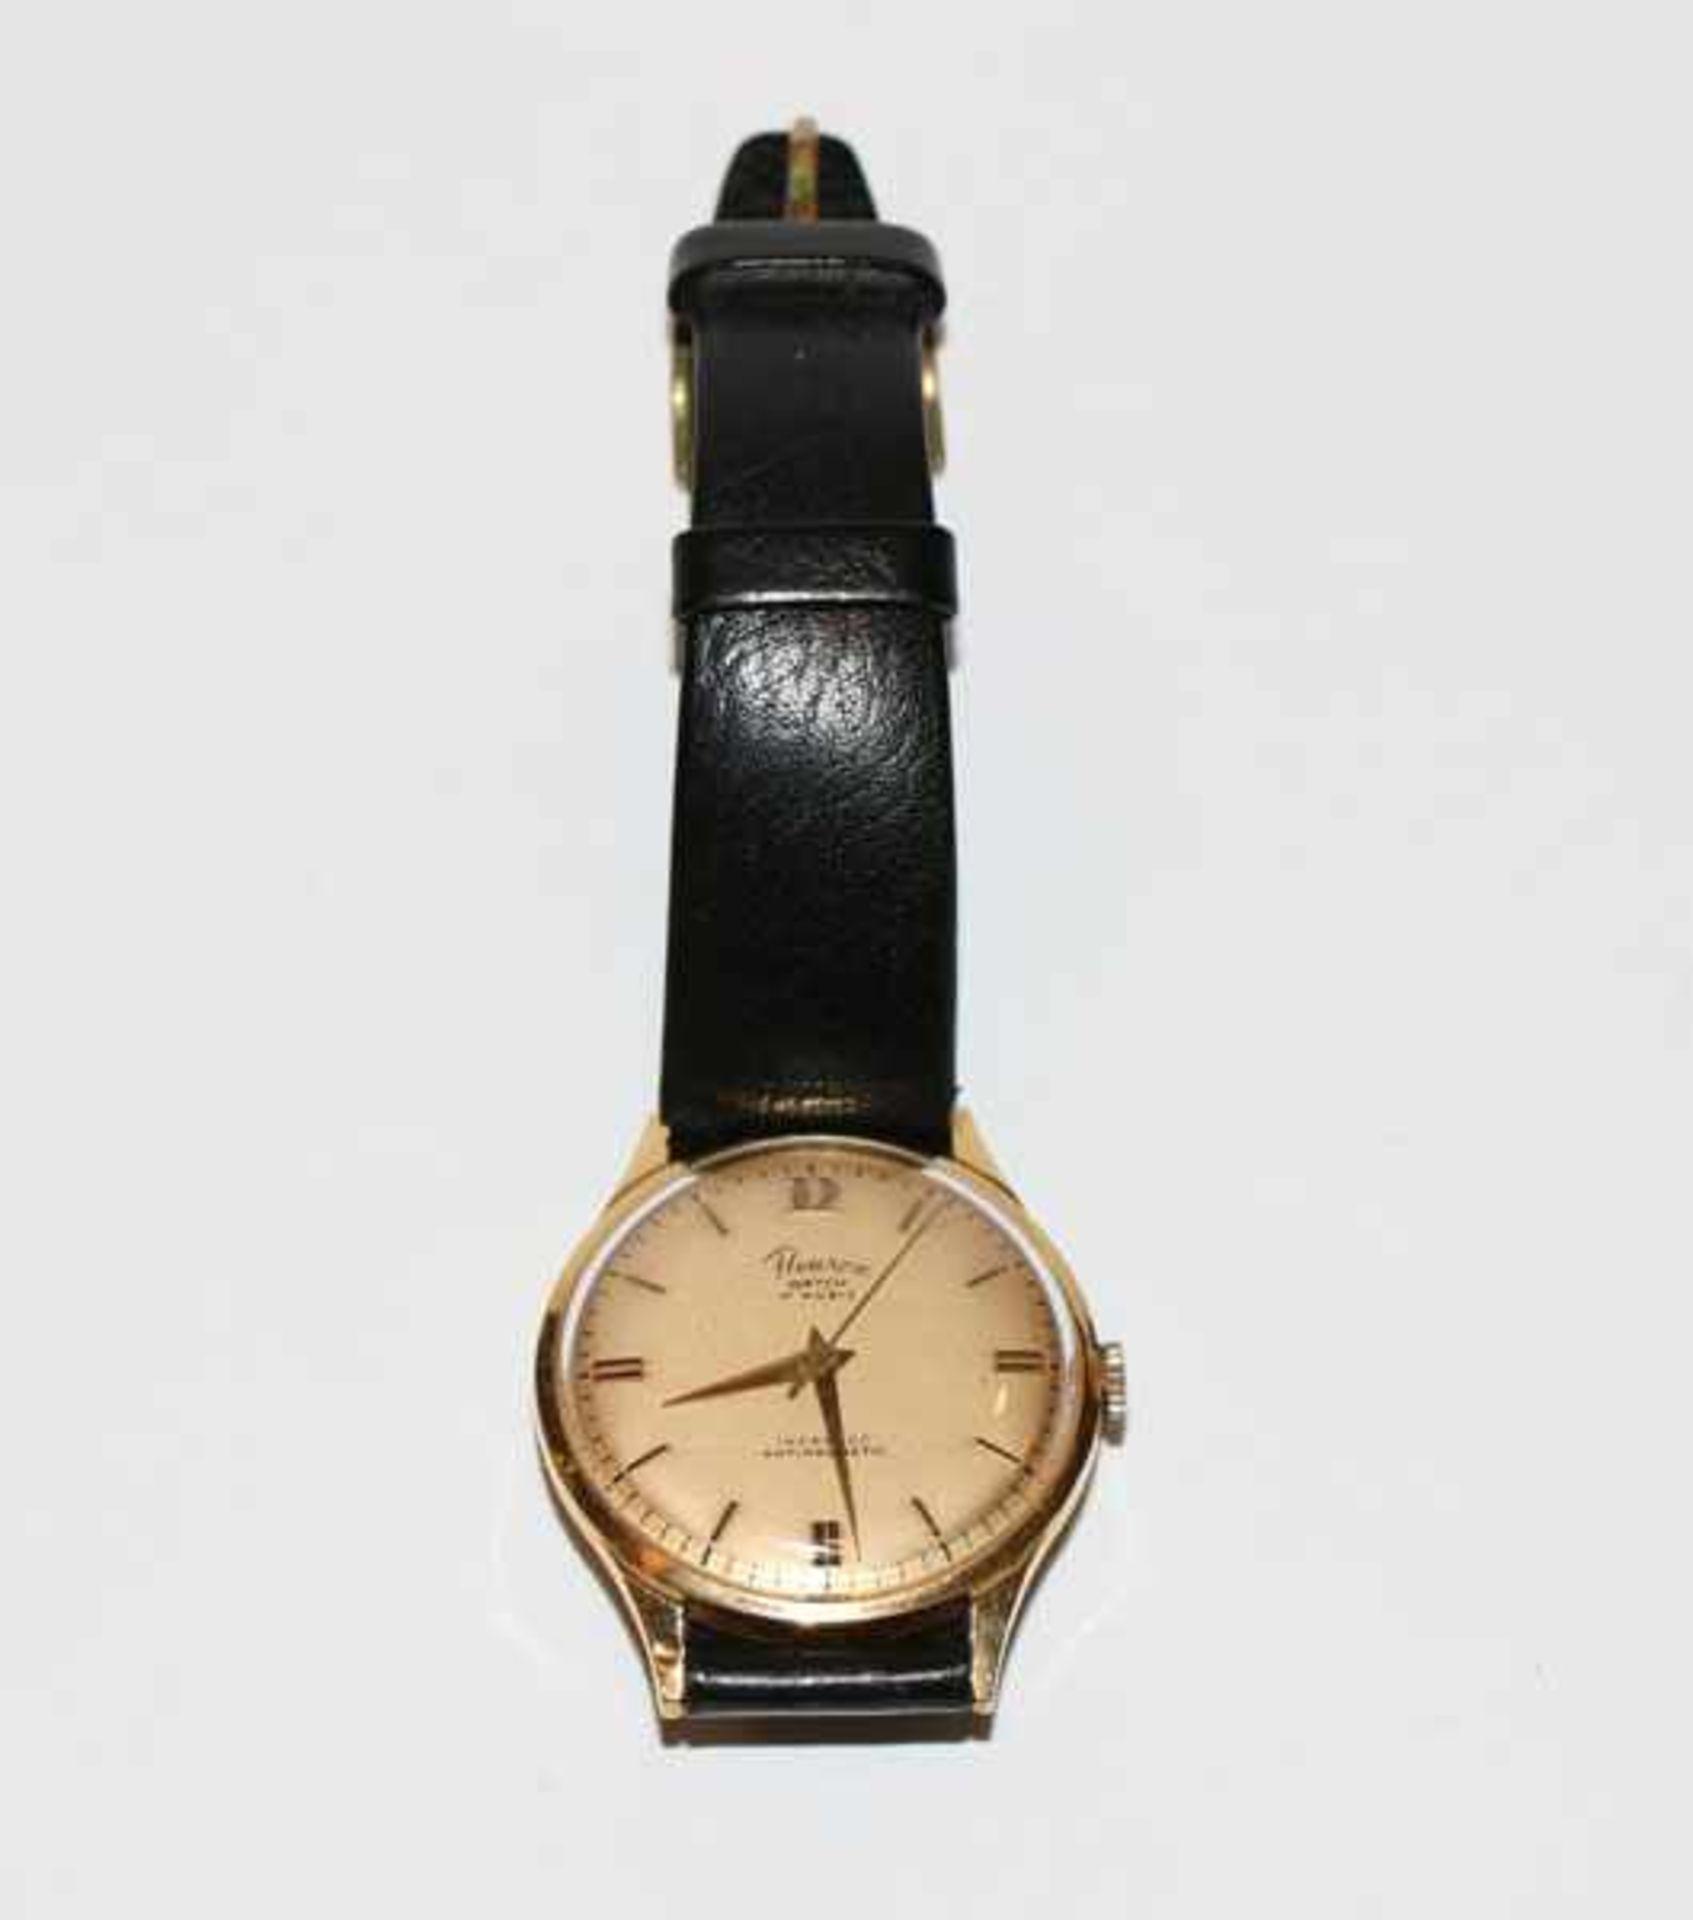 Los 21 - Herren Armbanduhr, Fleuron, Schweiz, 18 k Gelbgold Gehäuse an schwarzem Armband, intakt,